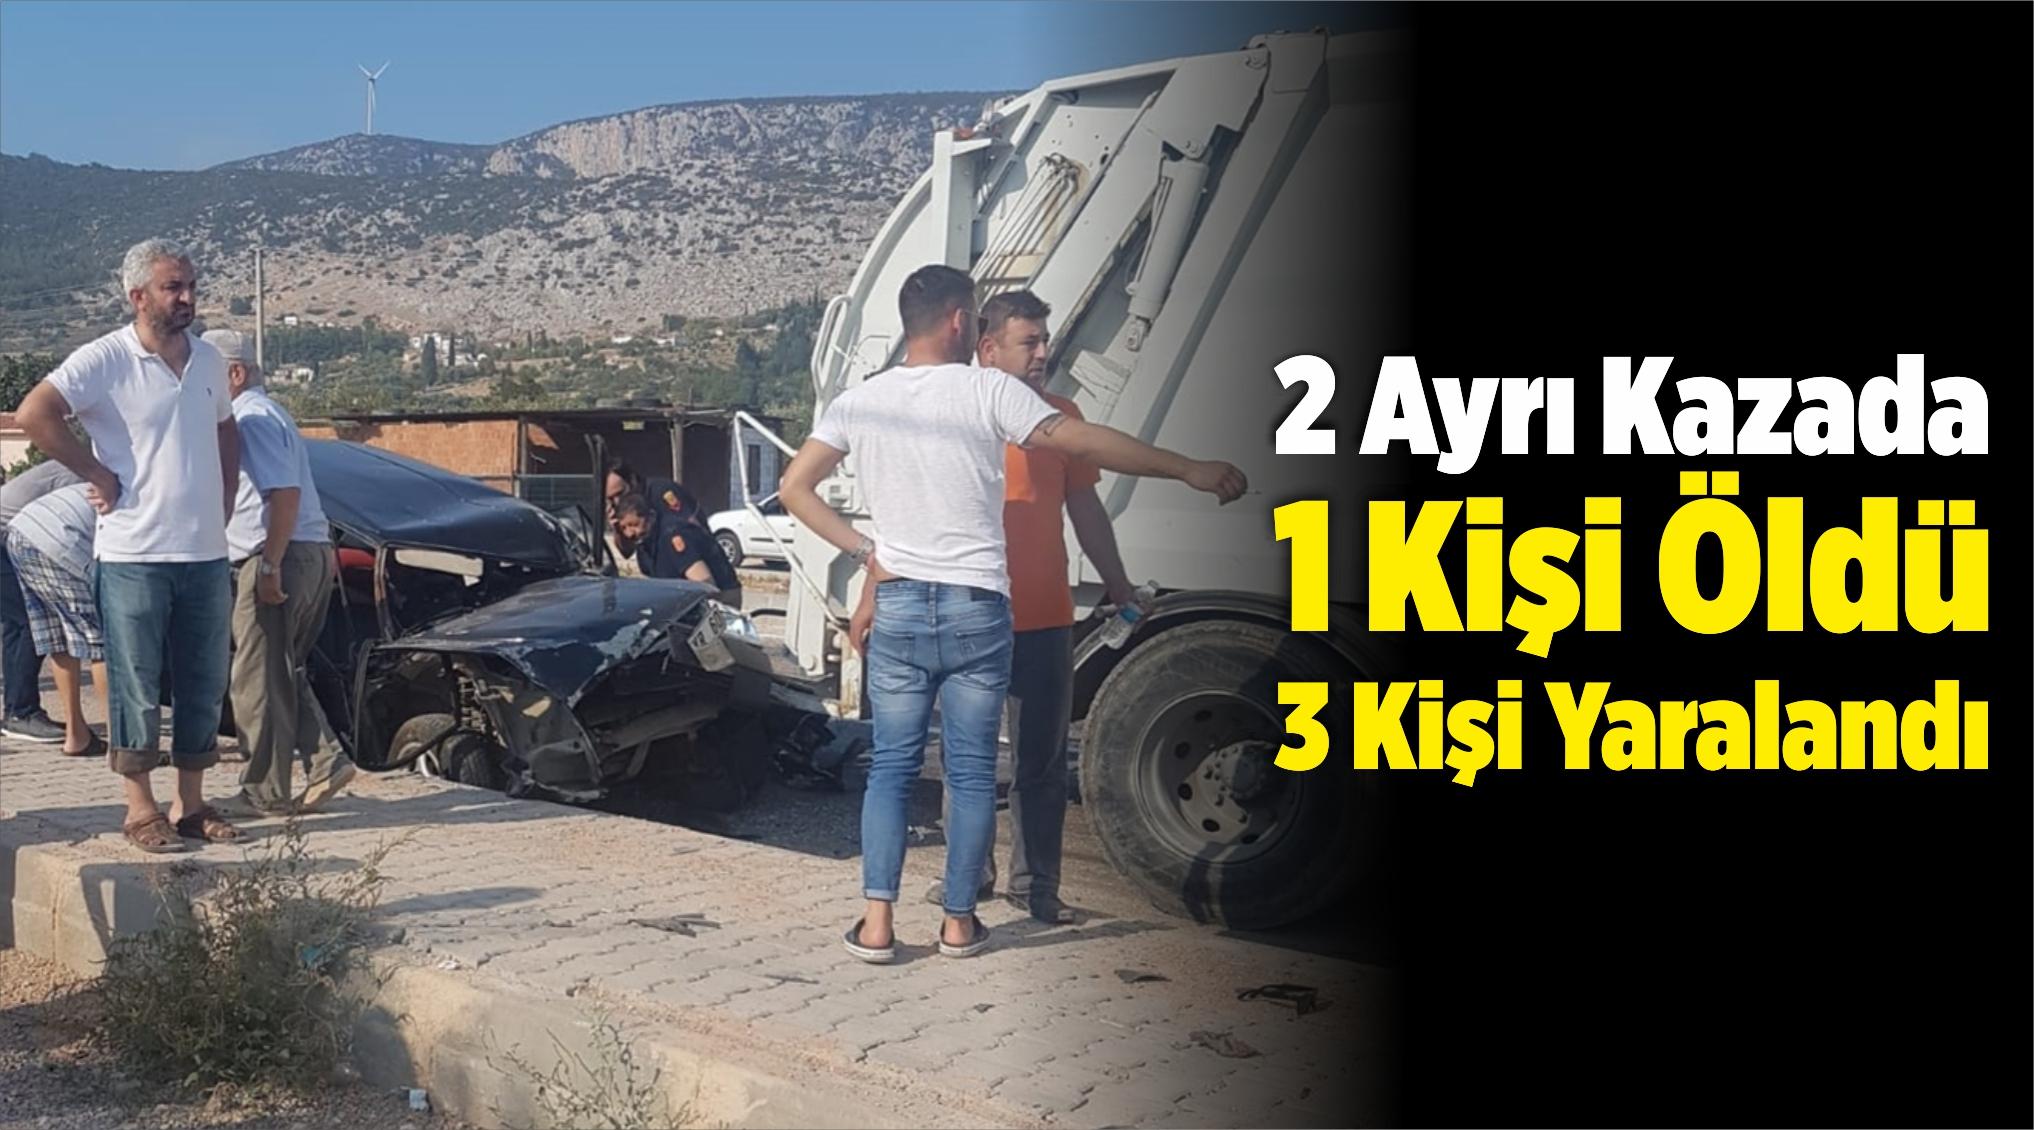 İzmir'deki Trafik Kazalarında 1 Kişi Öldü, 3 Kişi Yaralandı